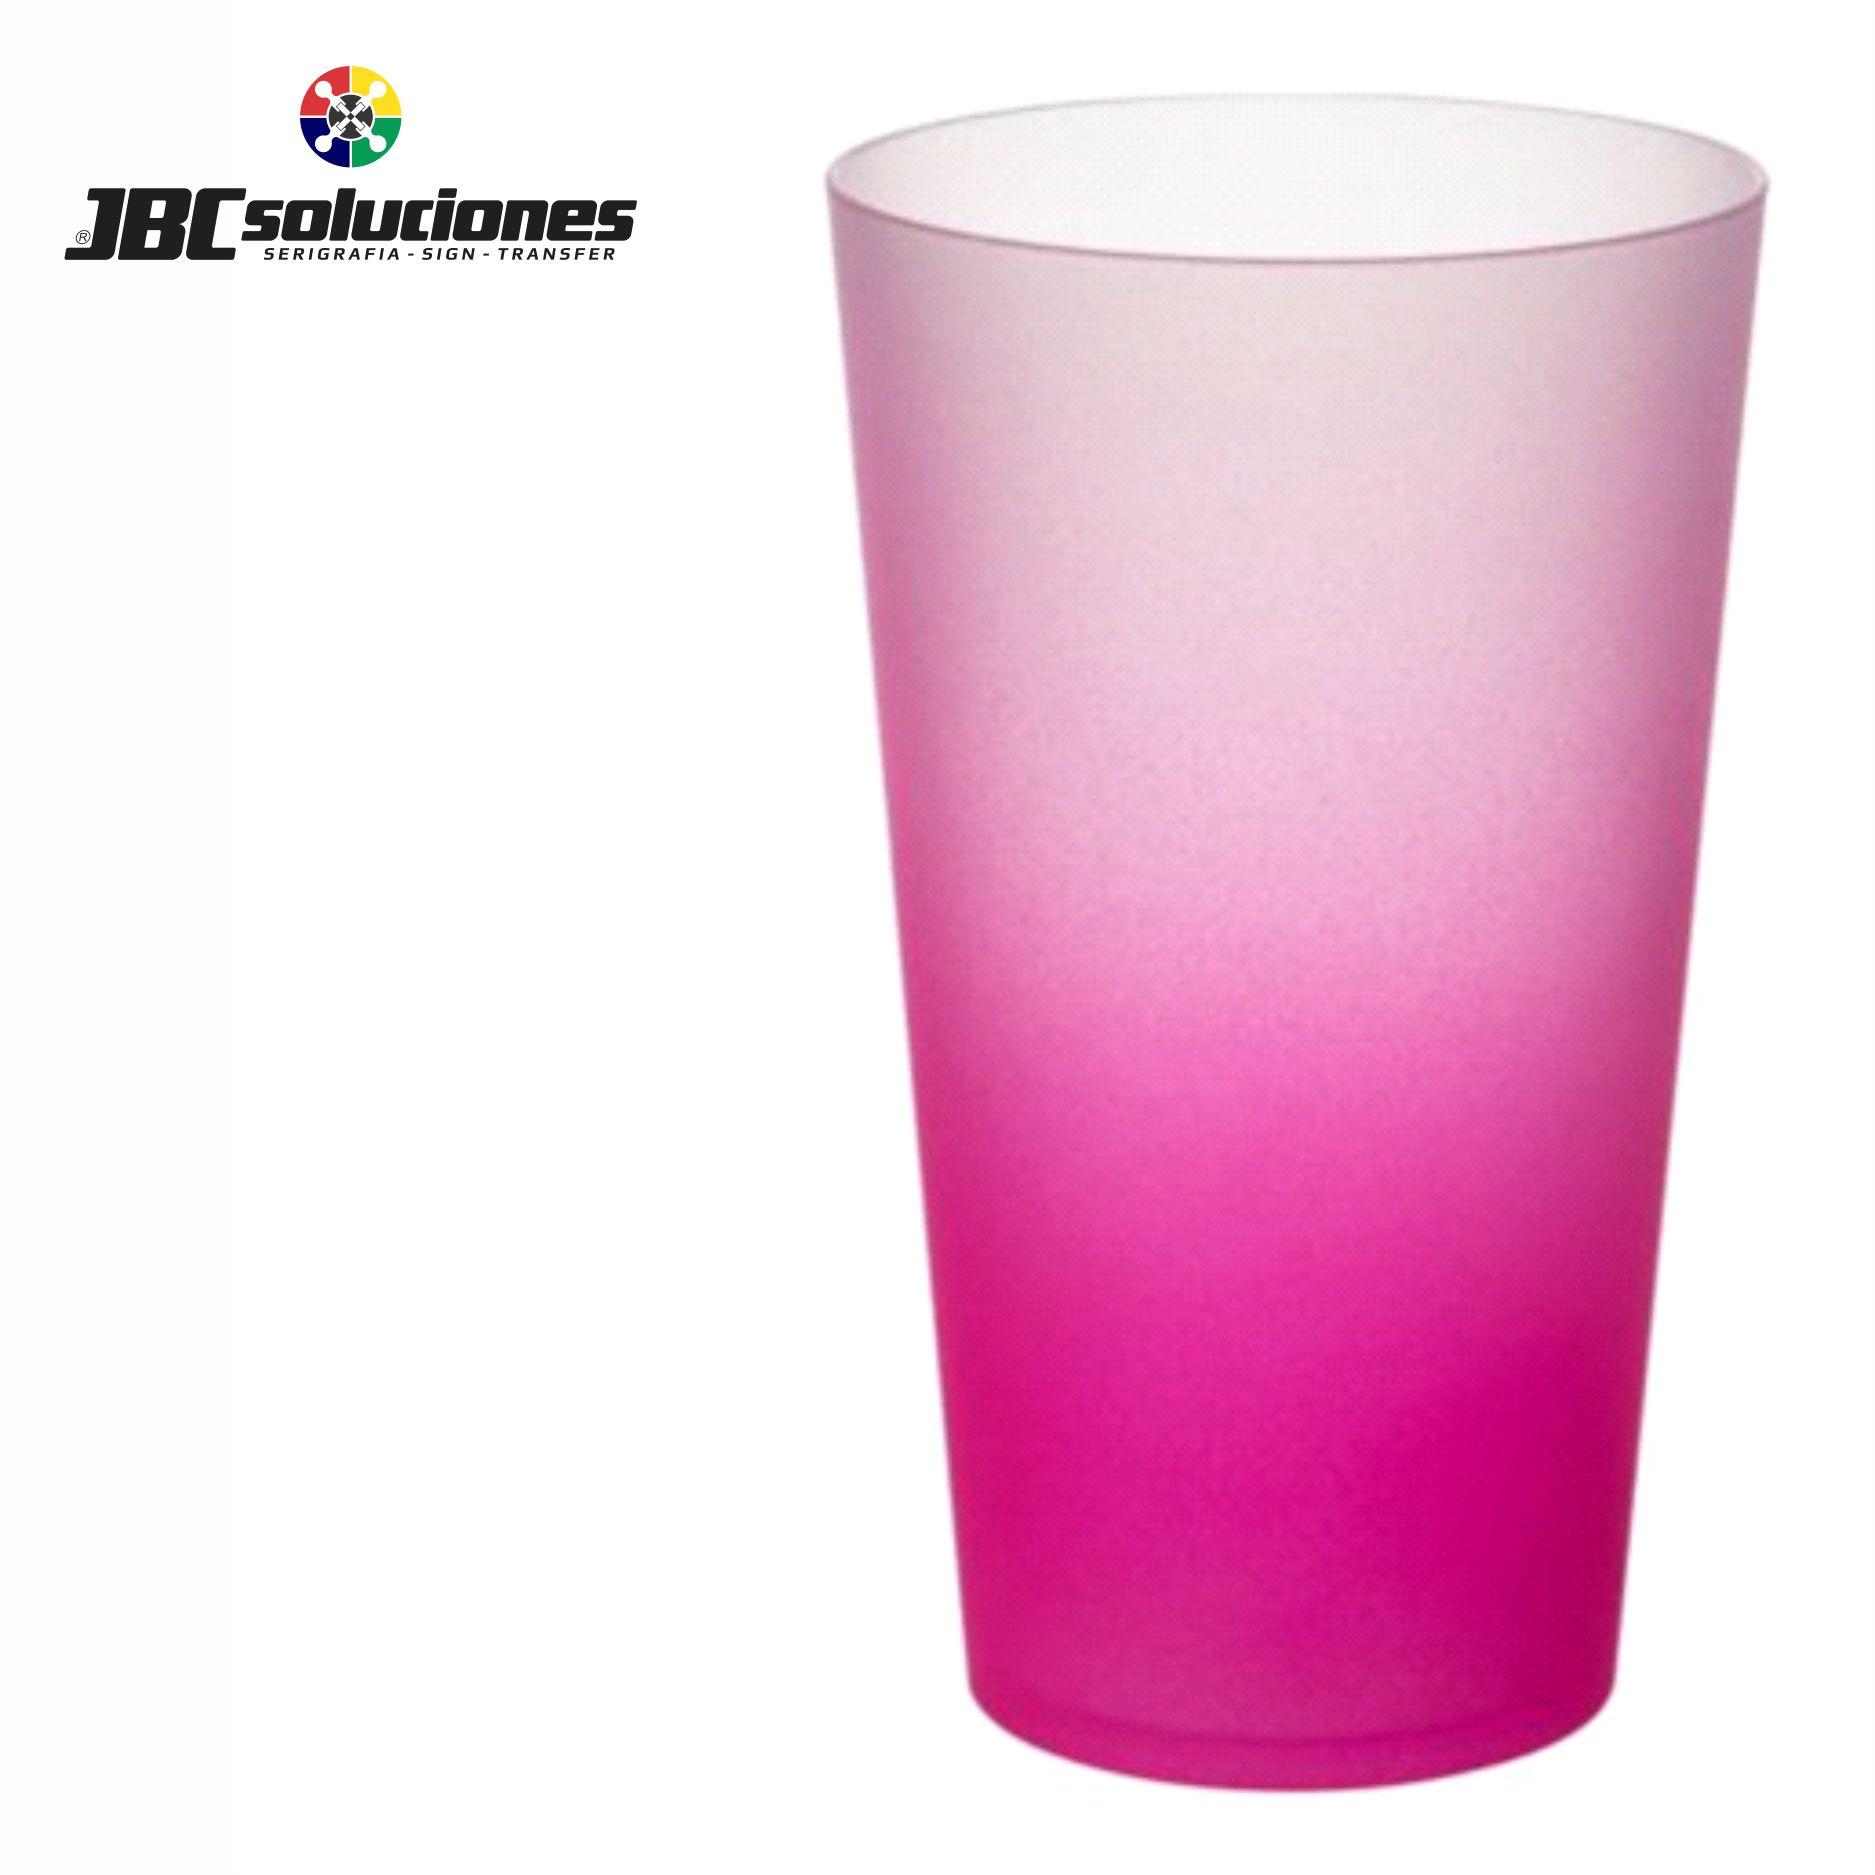 VASO MEGA DRINK FANTASY 550 ml